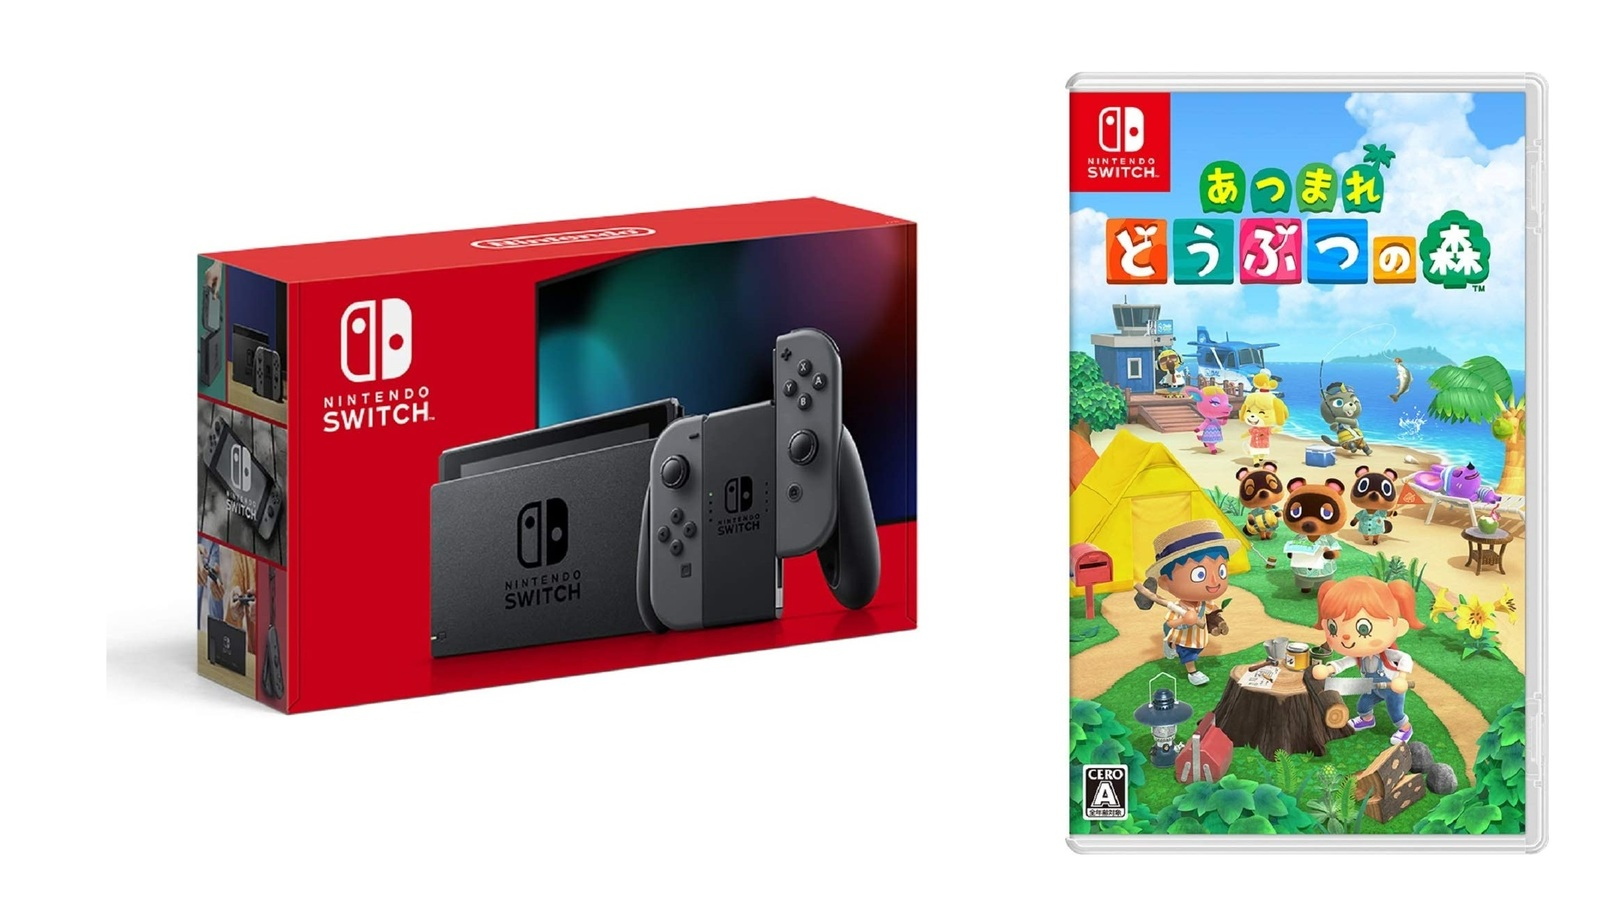 【18%OFF】 Nintendo Switch 本体 (ニンテンドースイッチ) Joy-Con(L)/(R) グレー(バッテリー持続時間が長くなったモデル), シューズメガアイビー 6a3eeb33